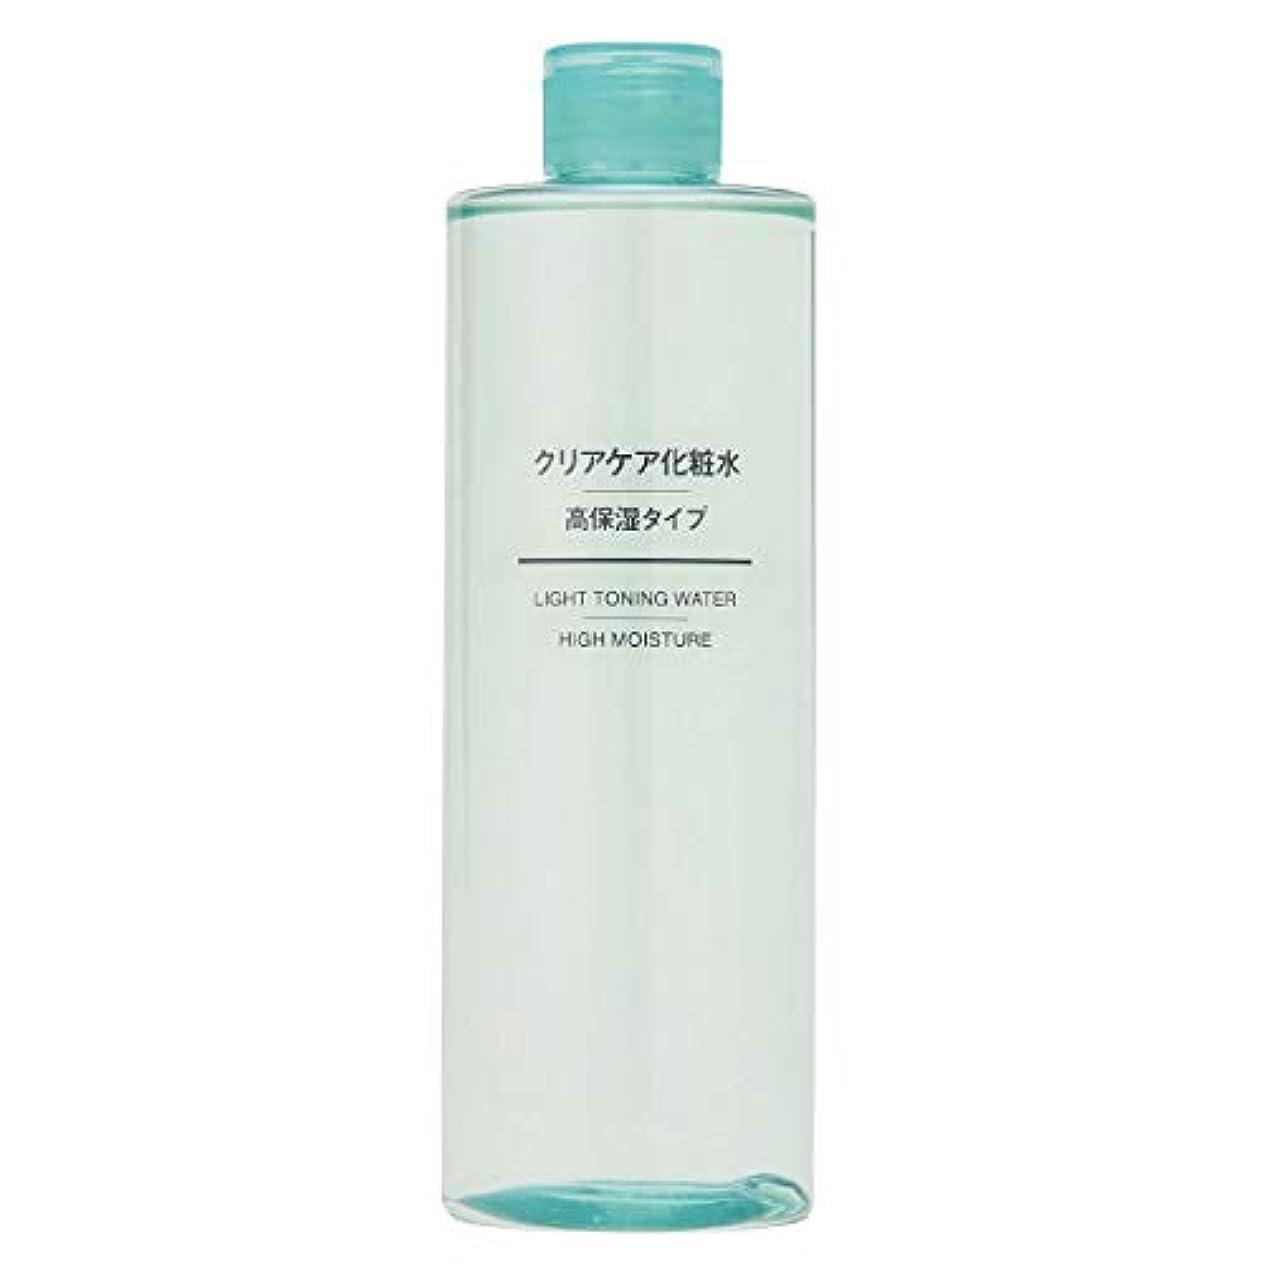 無印良品 クリアケア化粧水?高保湿タイプ(大容量)400ml